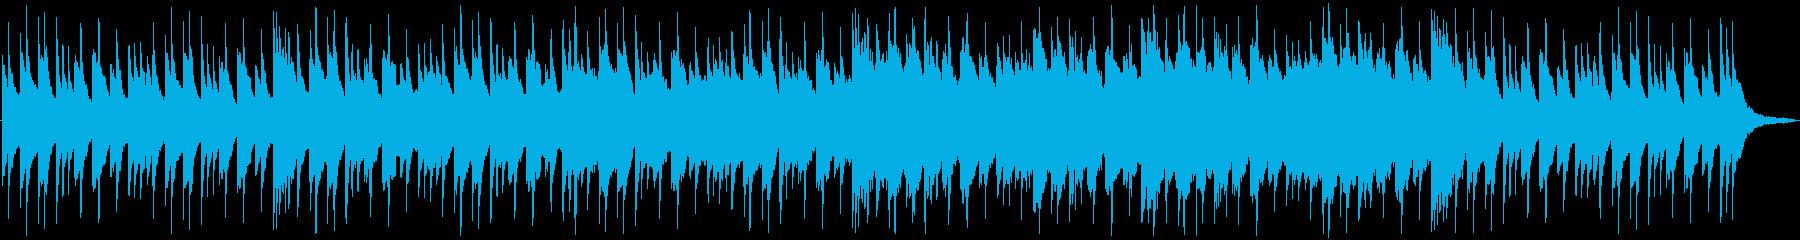 ピアノとストリングスが混ざり合う切ない曲の再生済みの波形